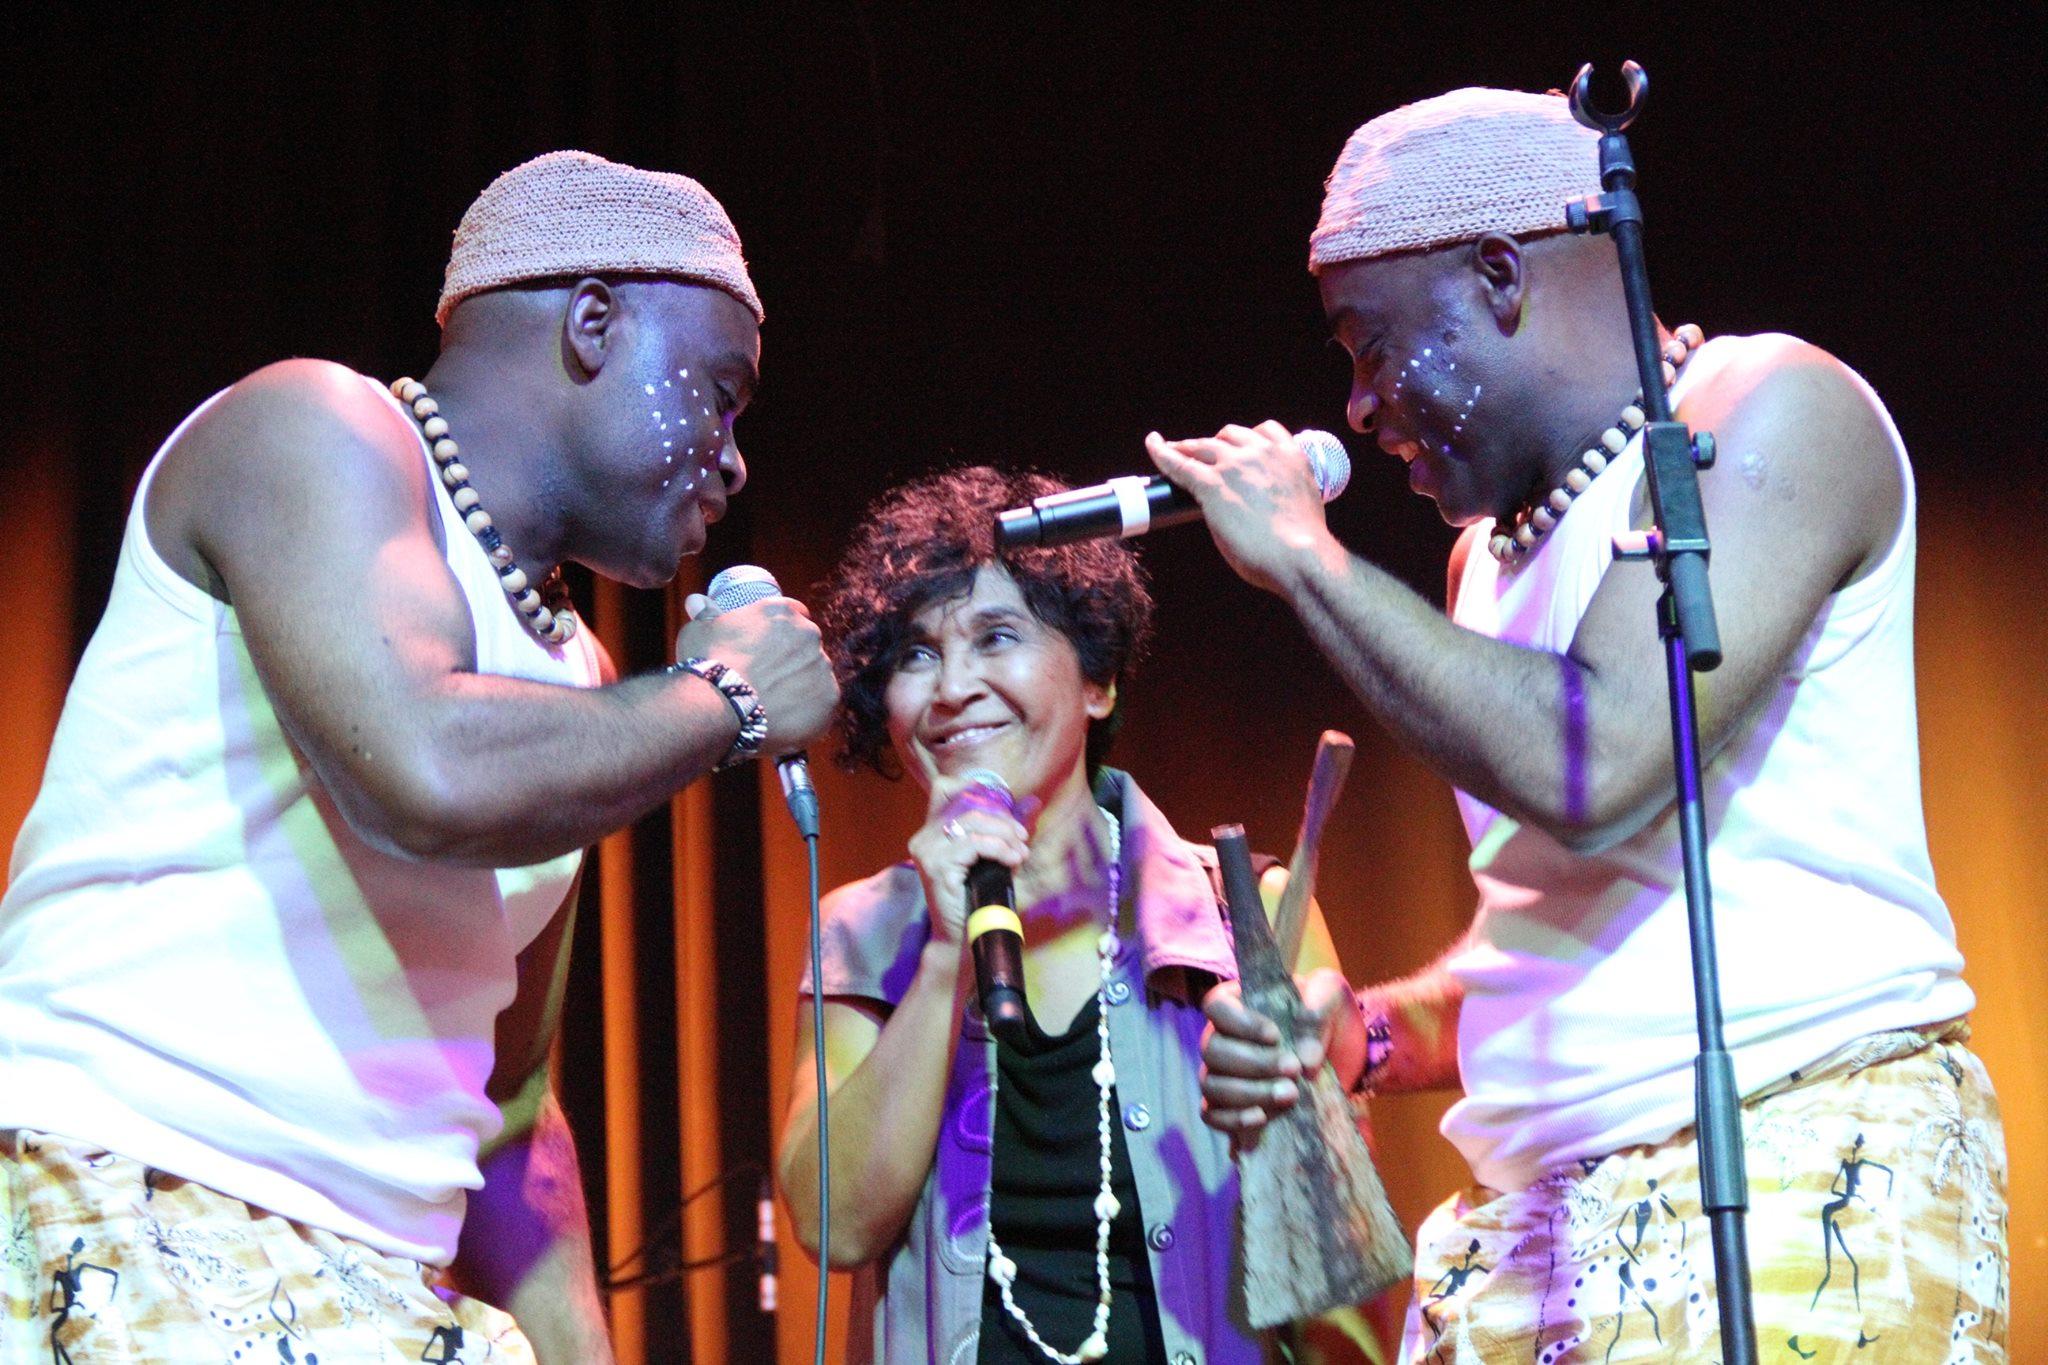 Les Jumeaux de MASAO (Masao Masu) en concert avec la chanteuse Sha Rakotofiringa